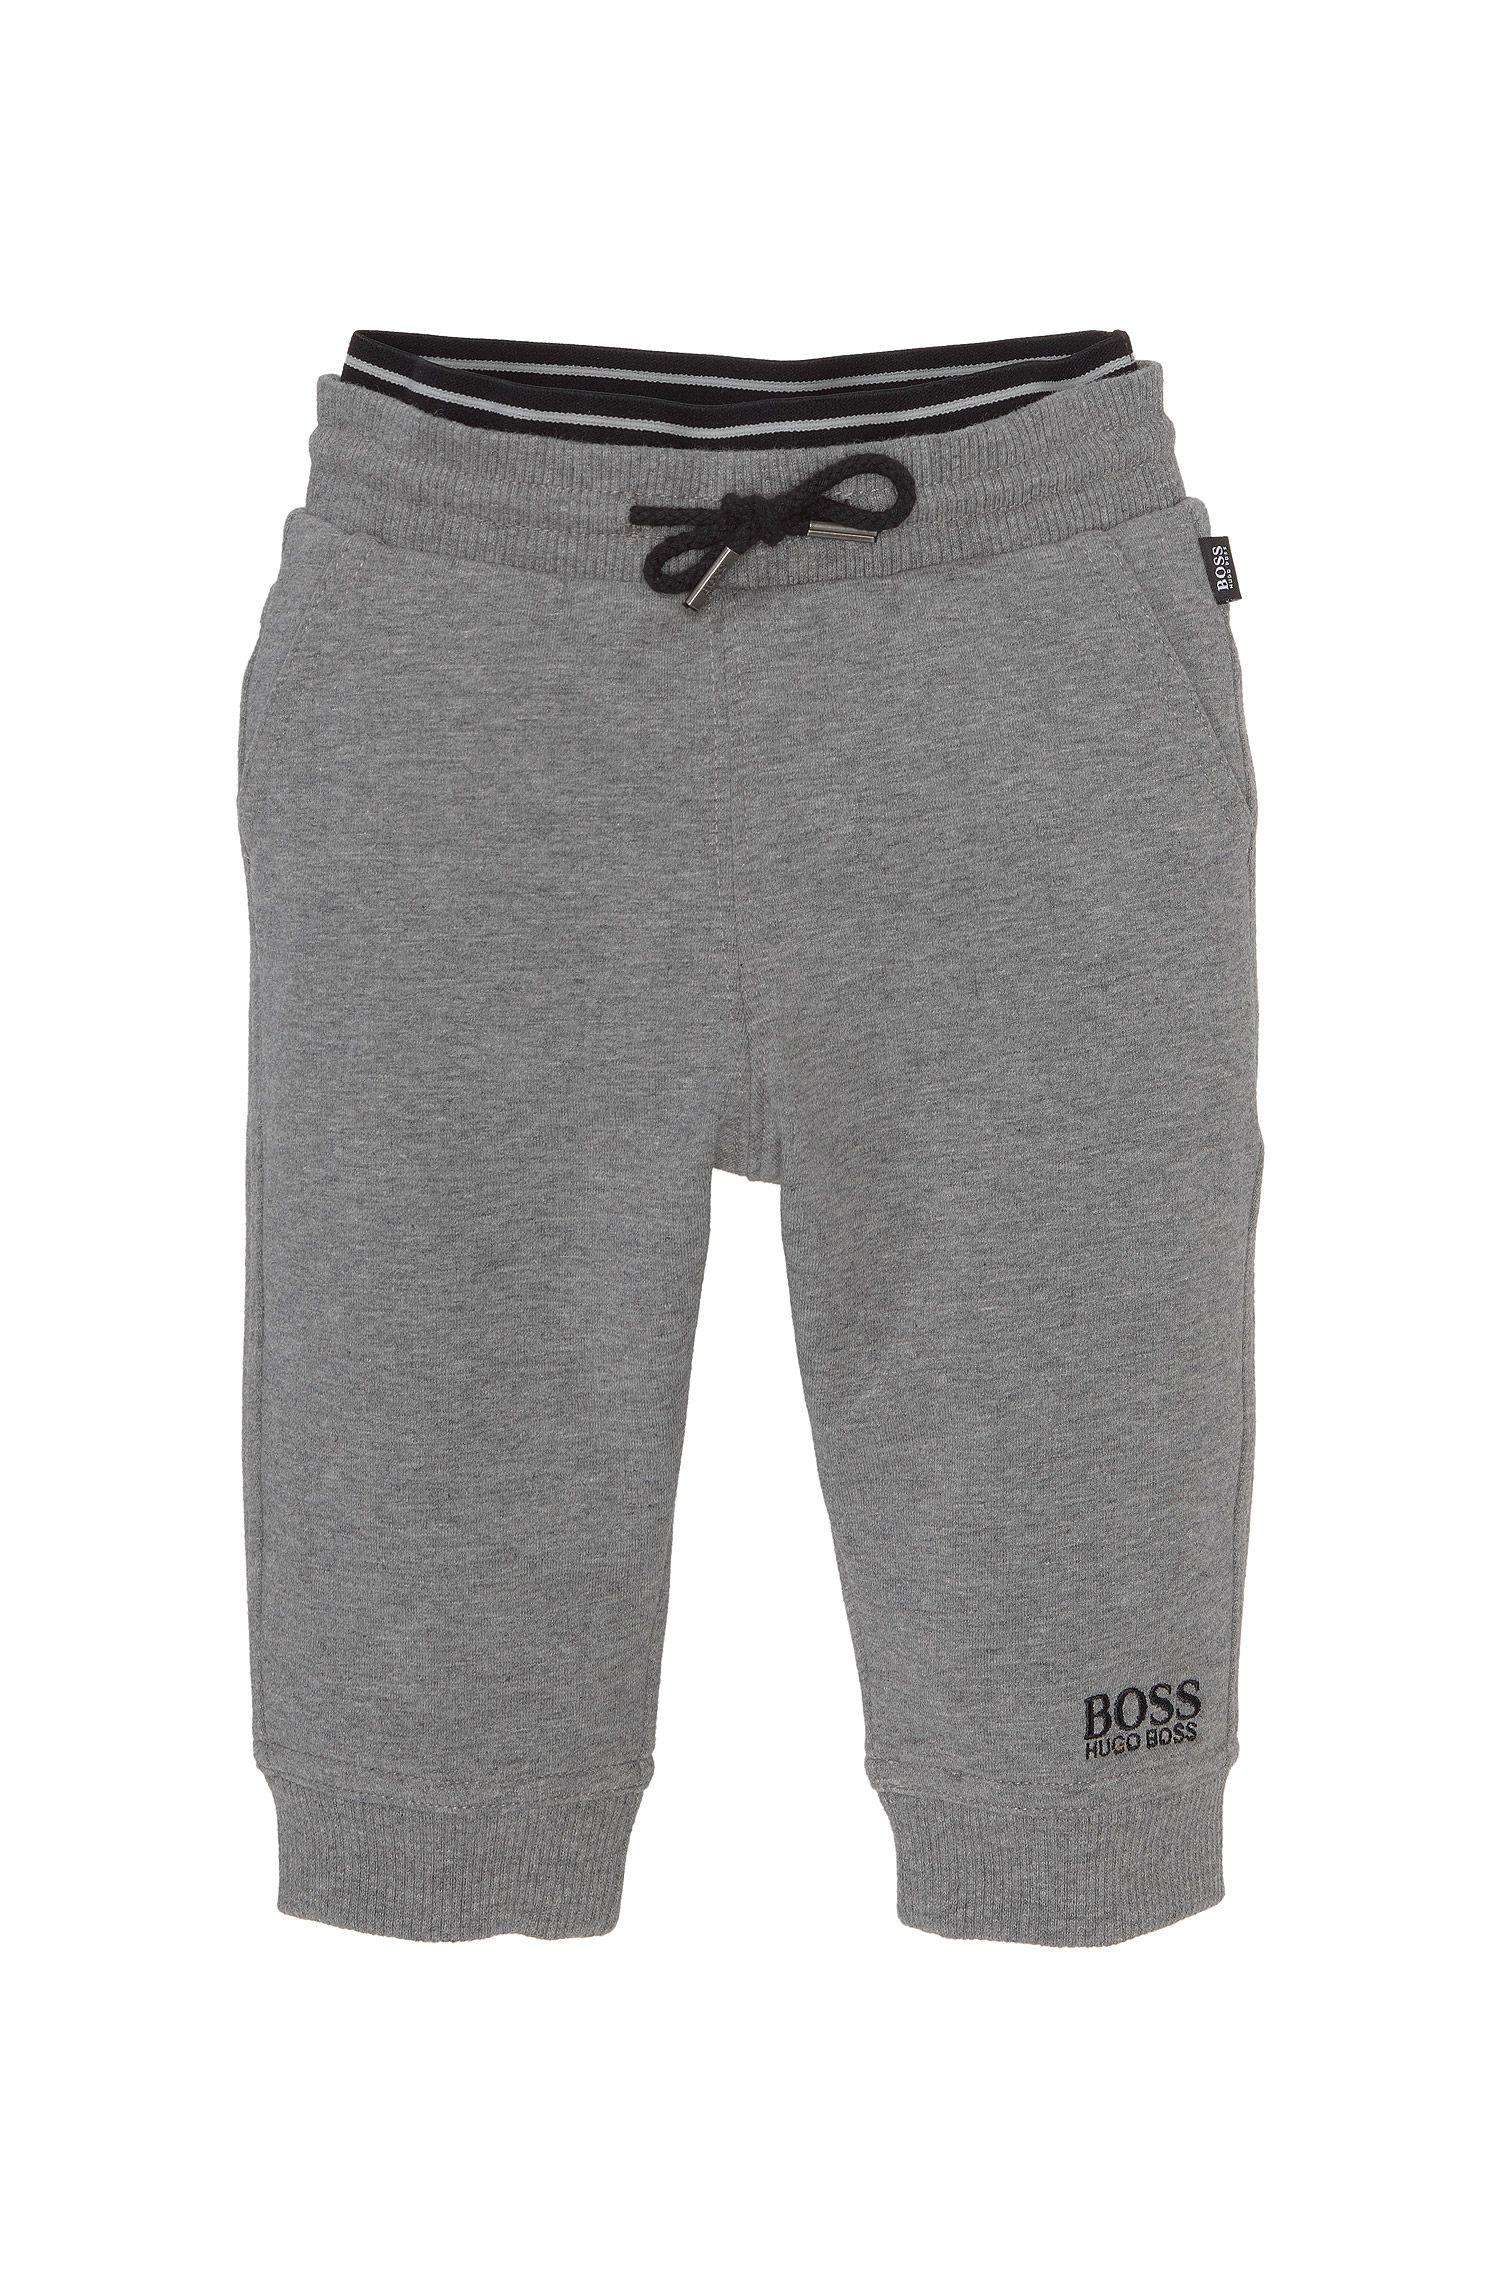 Pantalon de jogging pour enfant «J04158» en coton mélangé